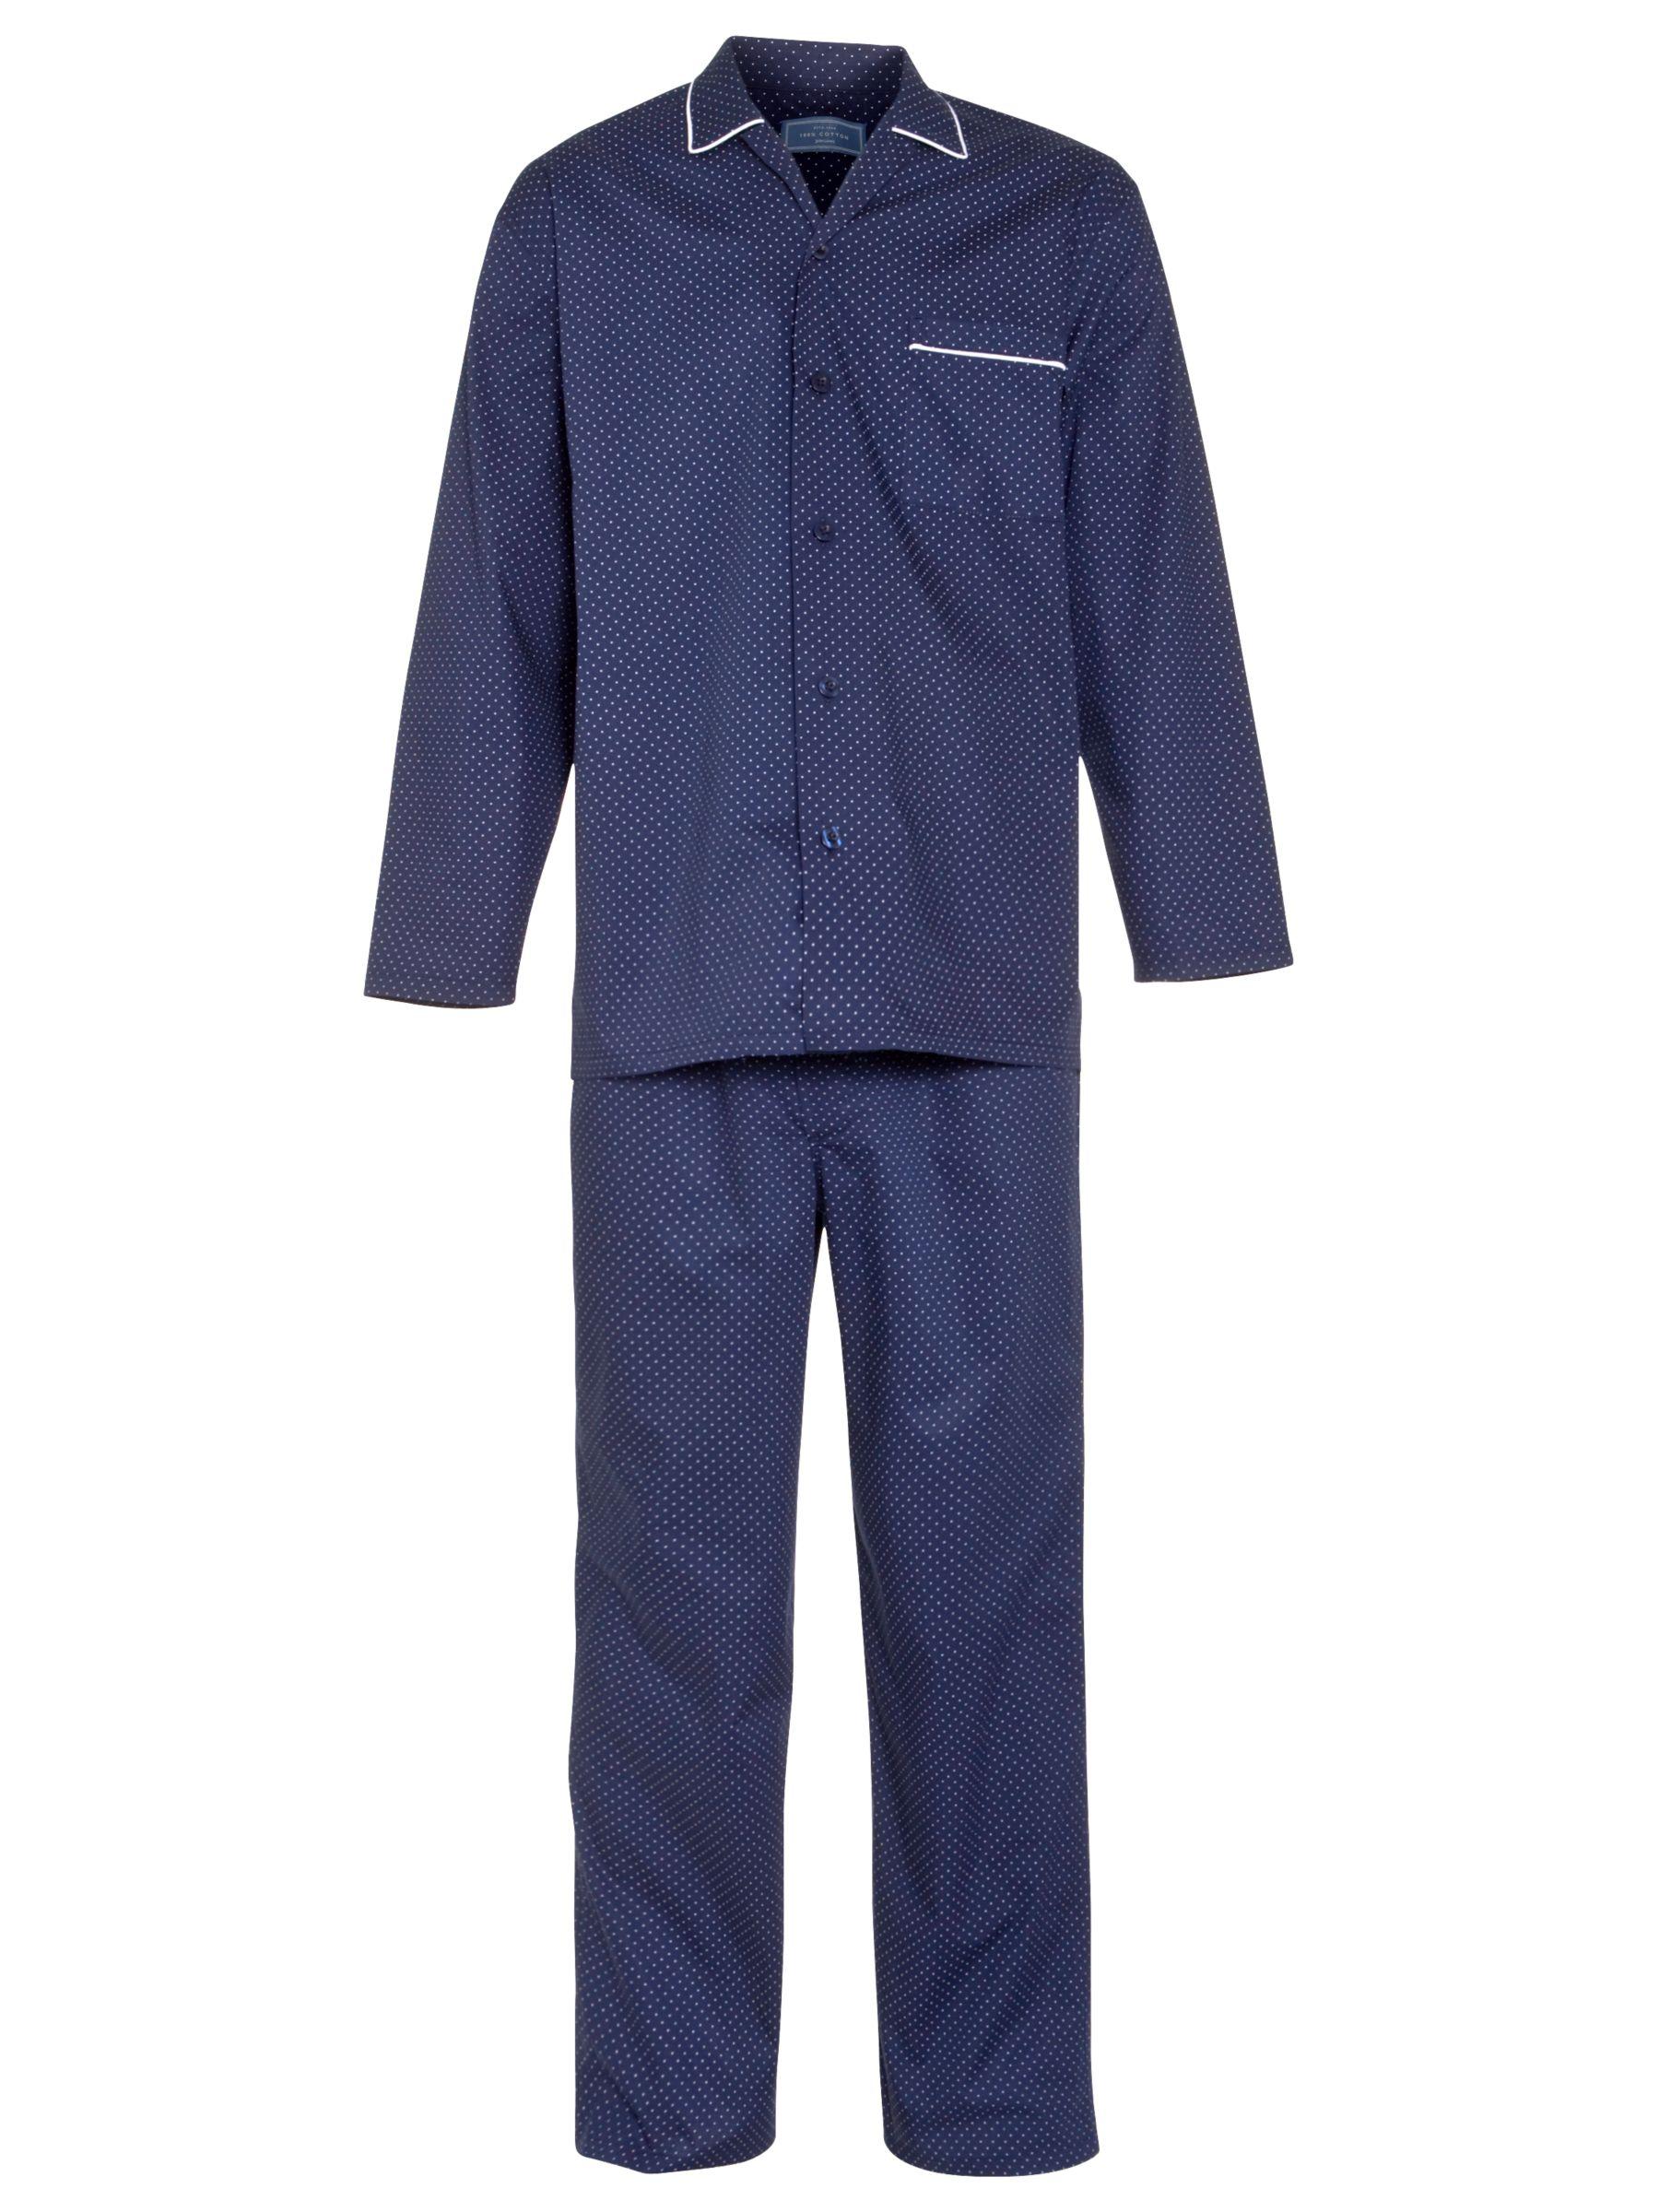 John Lewis Woven Spot Pyjamas, Navy